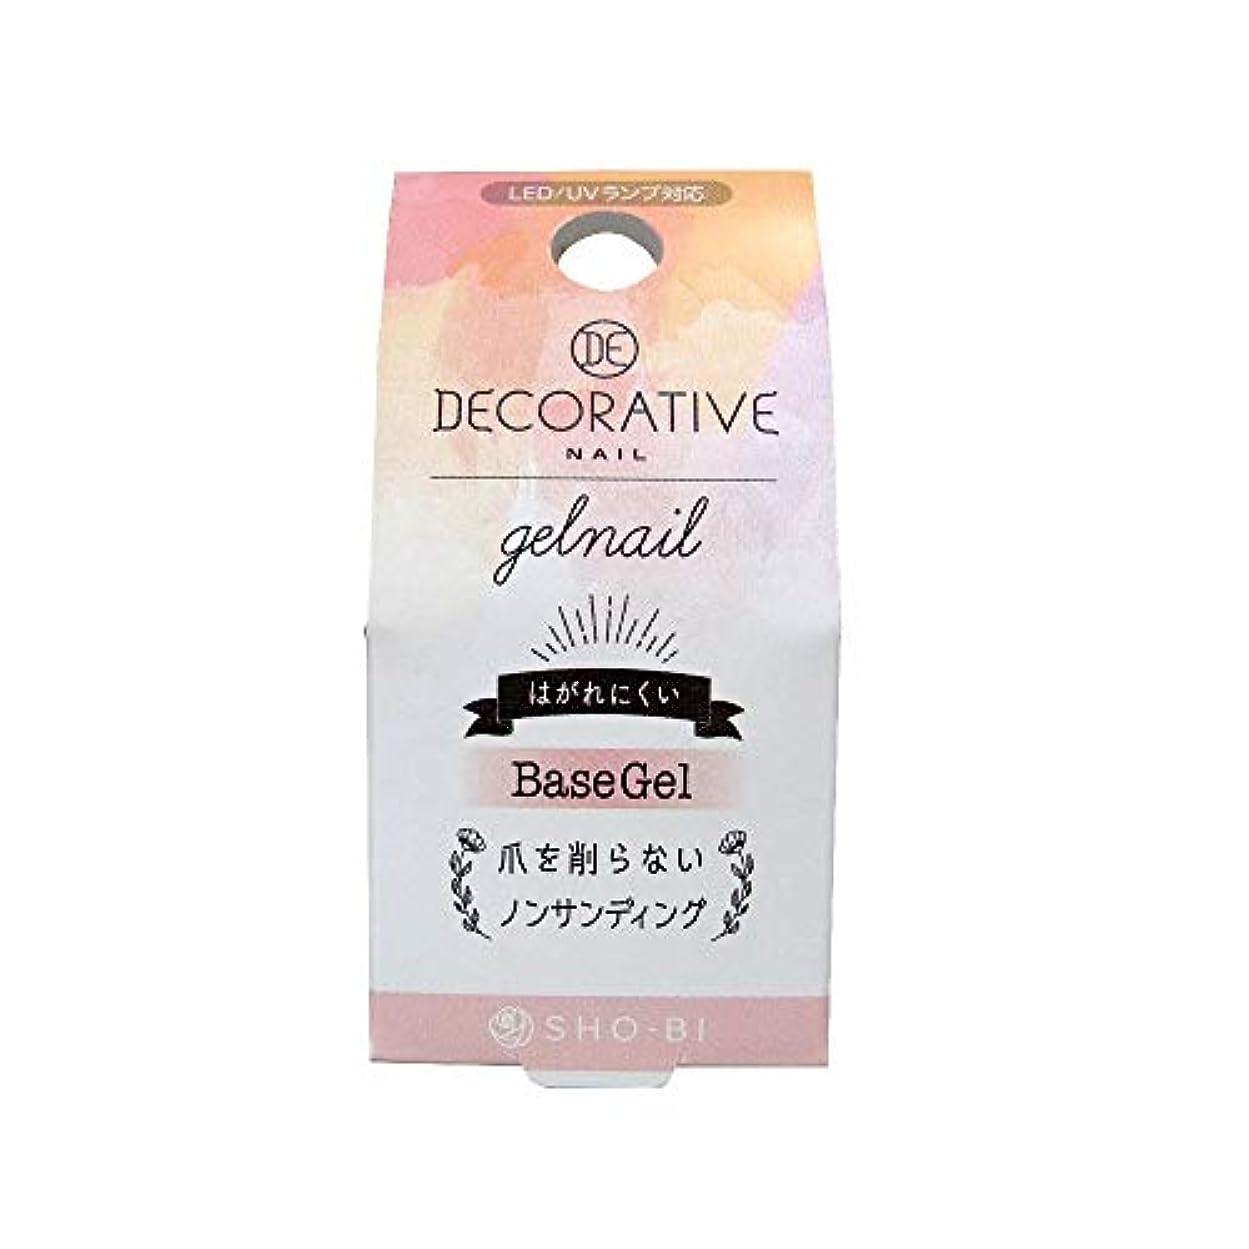 発行する美しい調停するSHO-BI(ショービ) DECORATIVE NAIL デコラティブネイル ジェルネイル ベースジェル TN81172